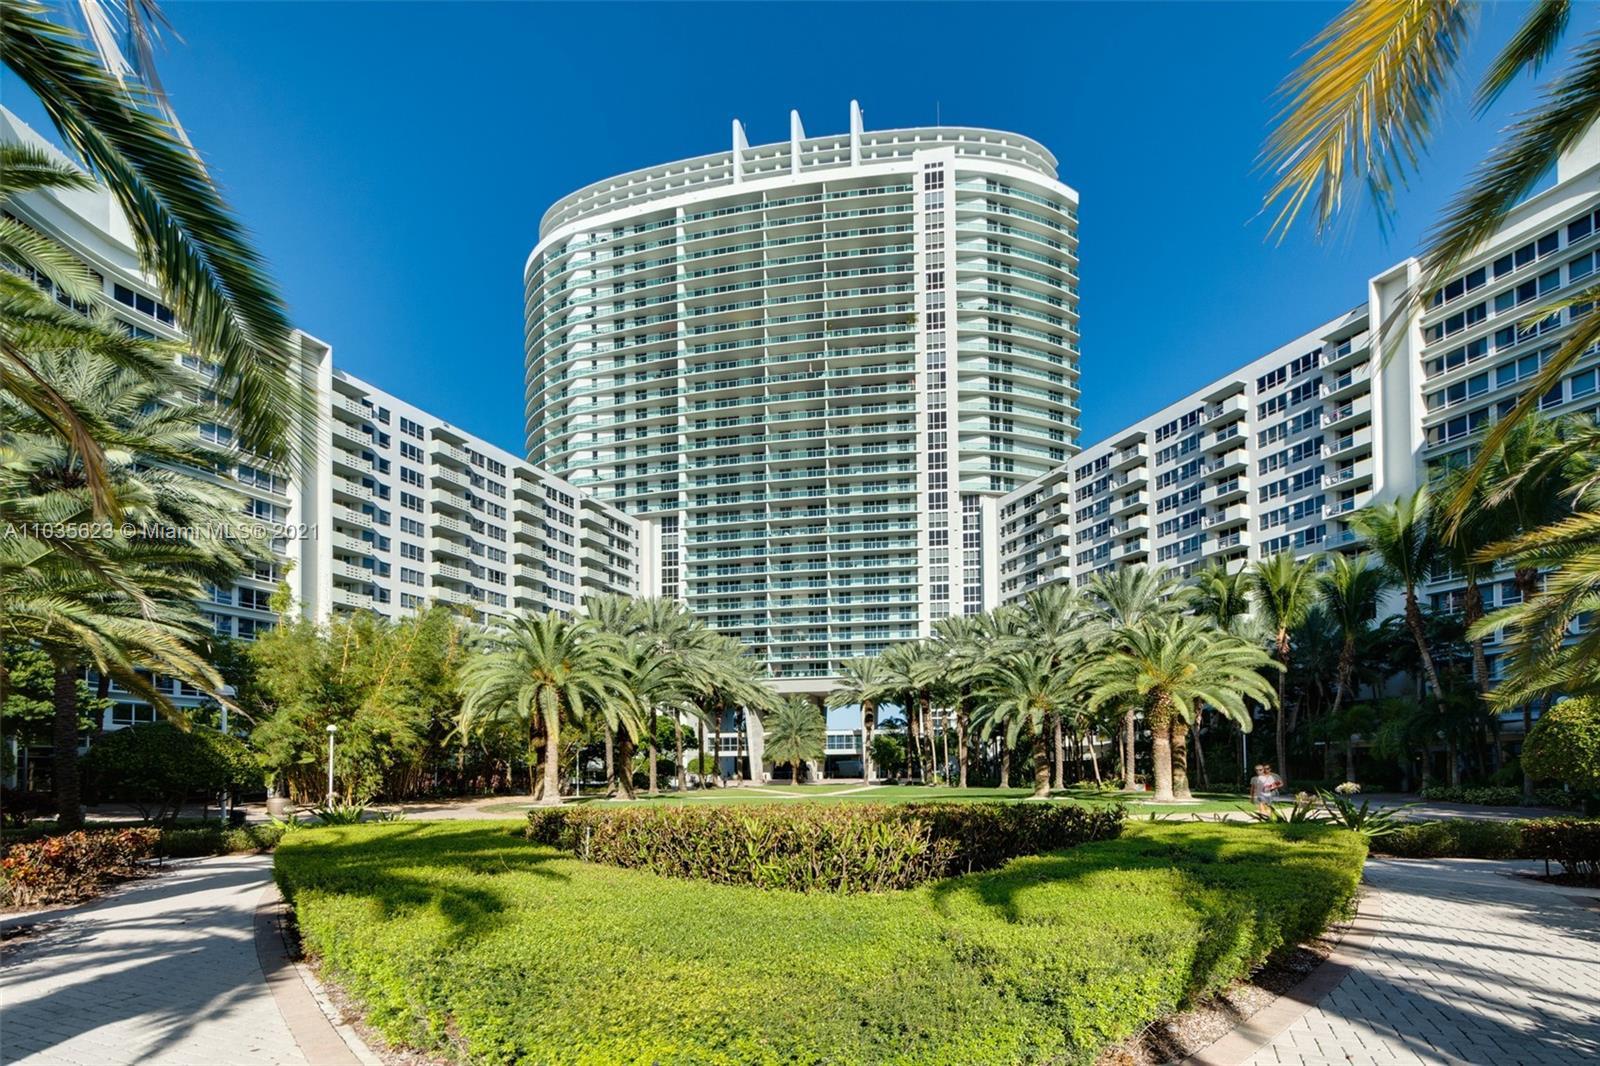 Flamingo South Beach #432S - 1500 Bay Rd #432S, Miami Beach, FL 33139